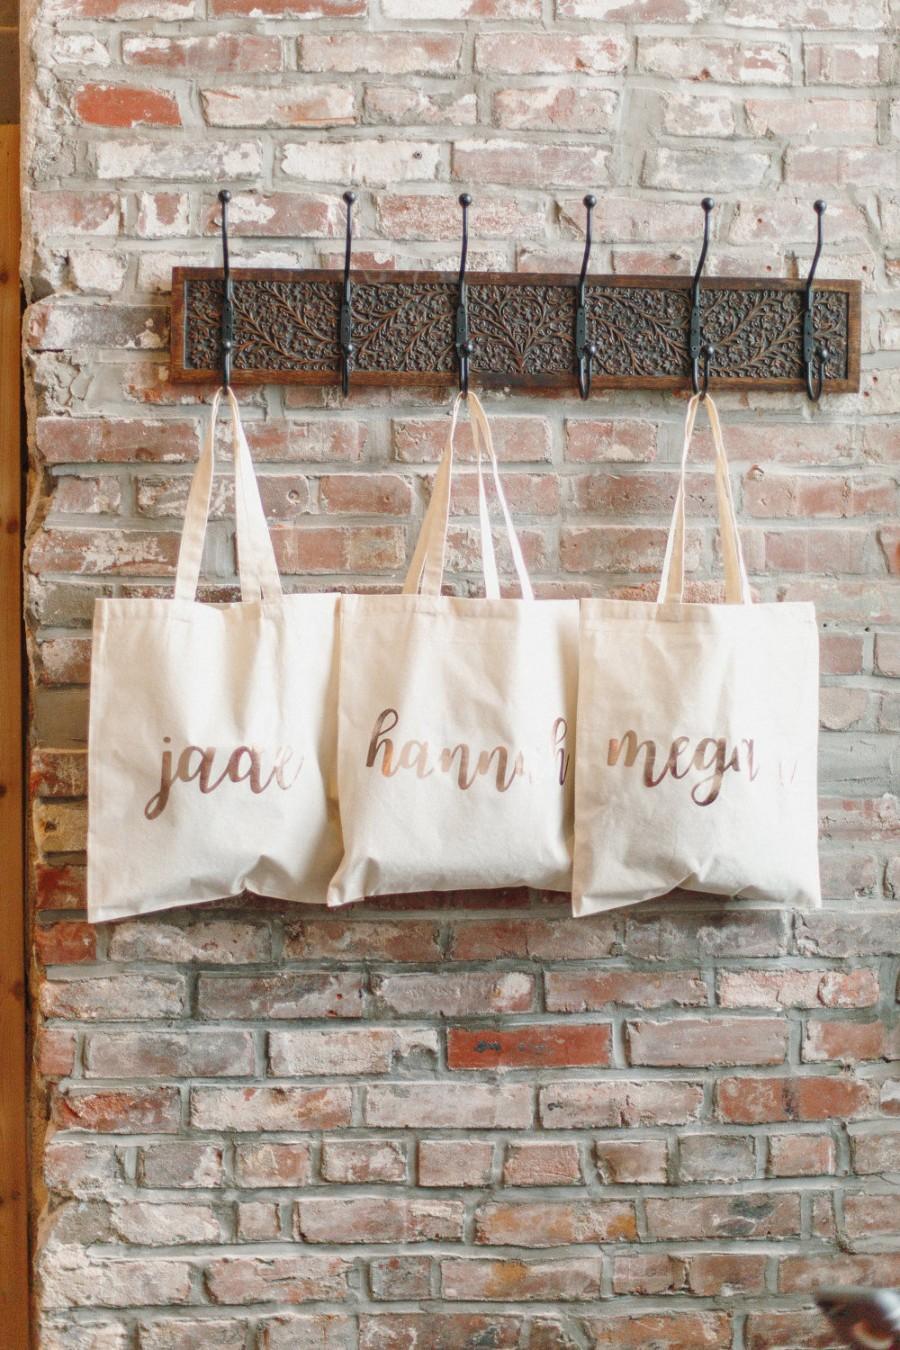 Mariage - 6 Bridesmaid Bags, Bridesmaid Bags, Rose Gold Bags, Bridesmaid Gifts, Wedding Party Favors, Bridesmaid Proposal, Bridesmaid, Weddings